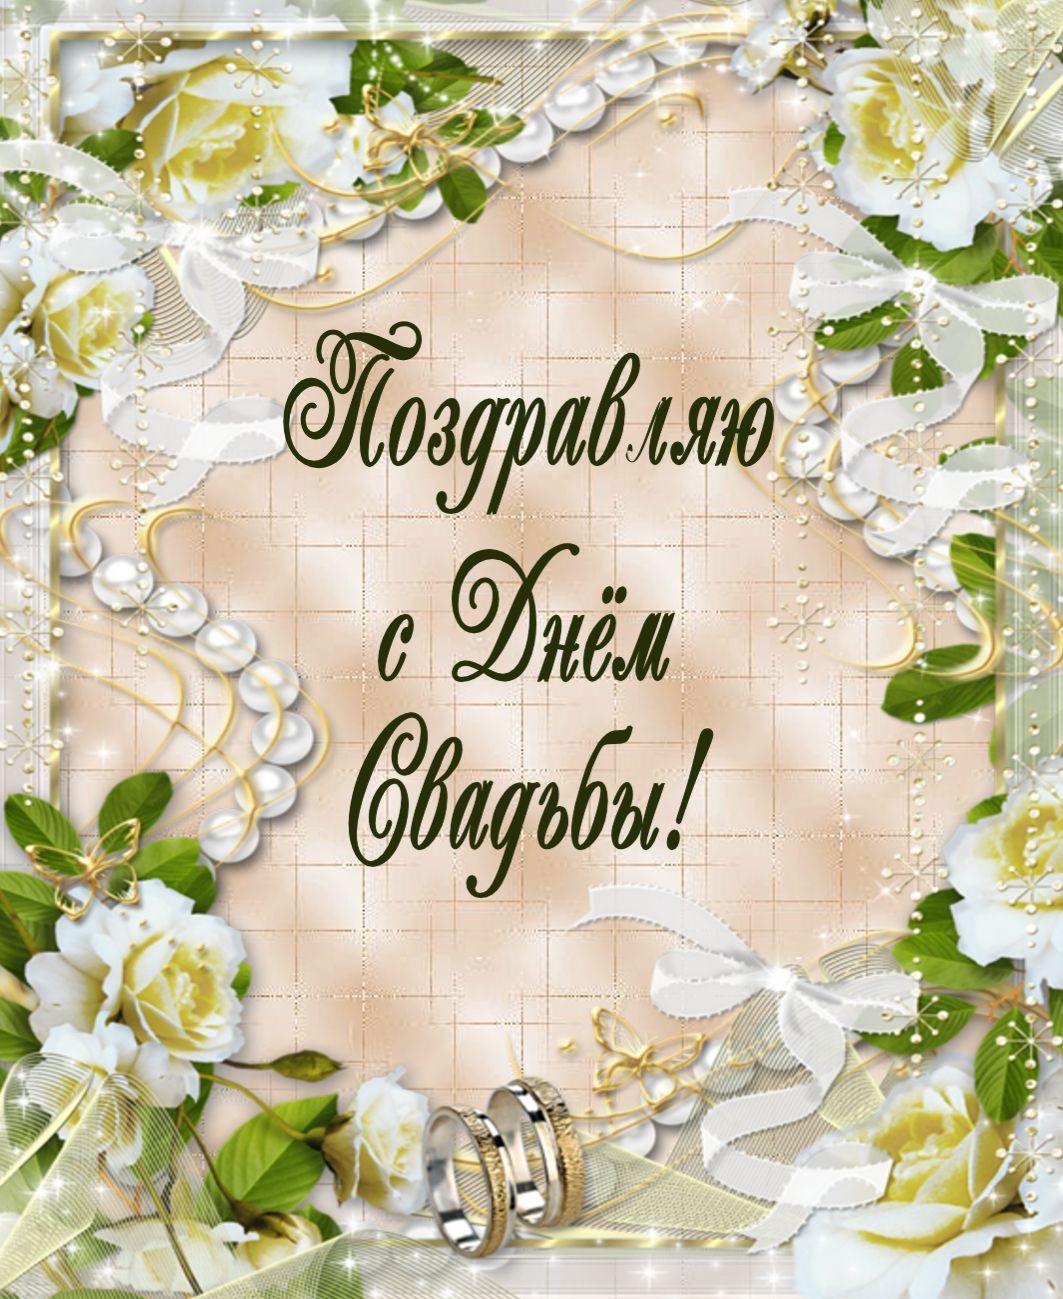 Поздравления к свадьбе цветы открытки растения интерьере